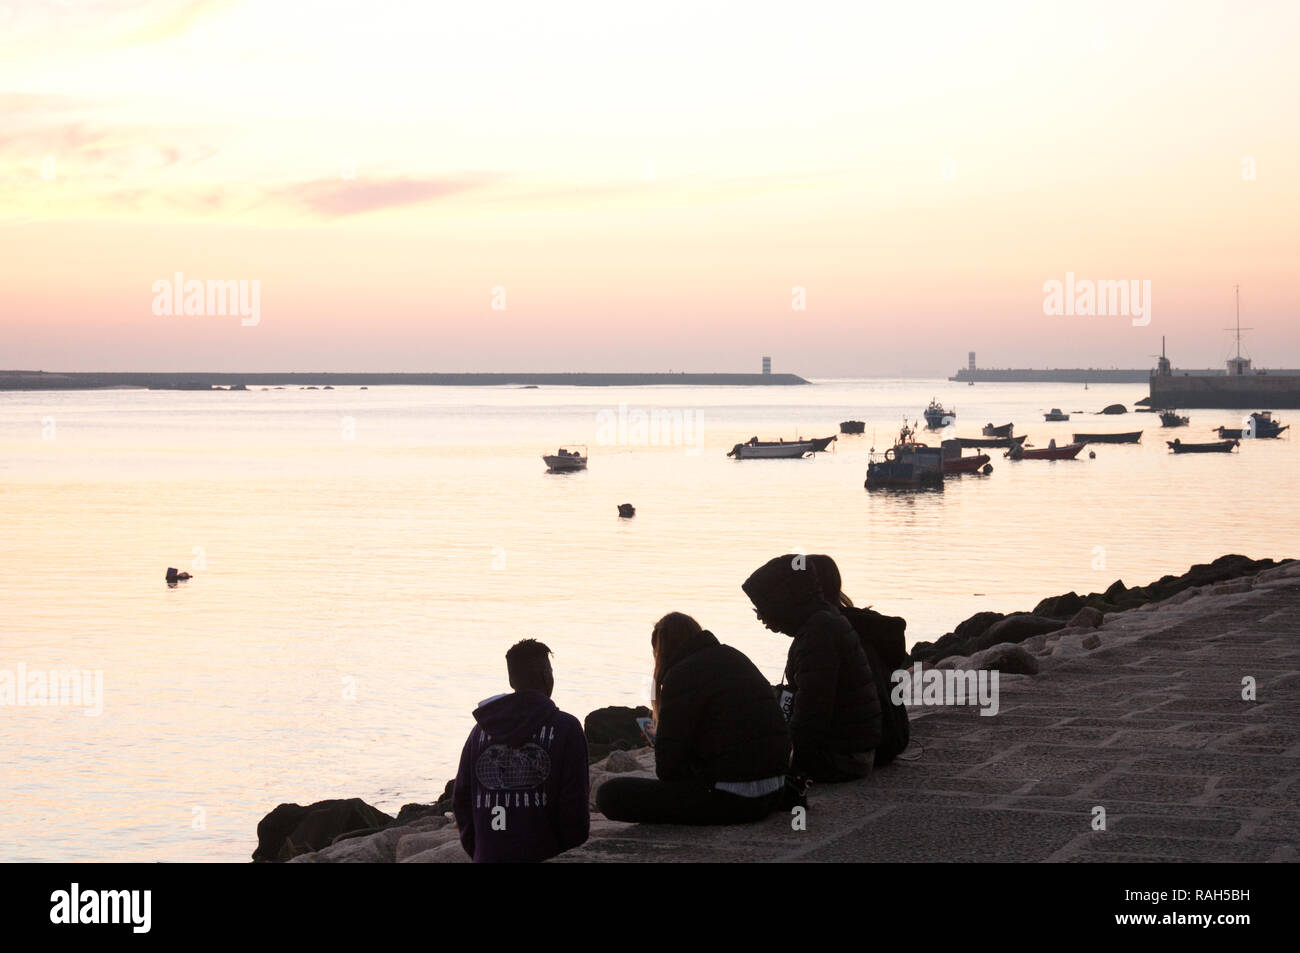 Un gruppo di giovani che si vede sulle rive del fiume Douro a Porto, Portogallo Immagini Stock